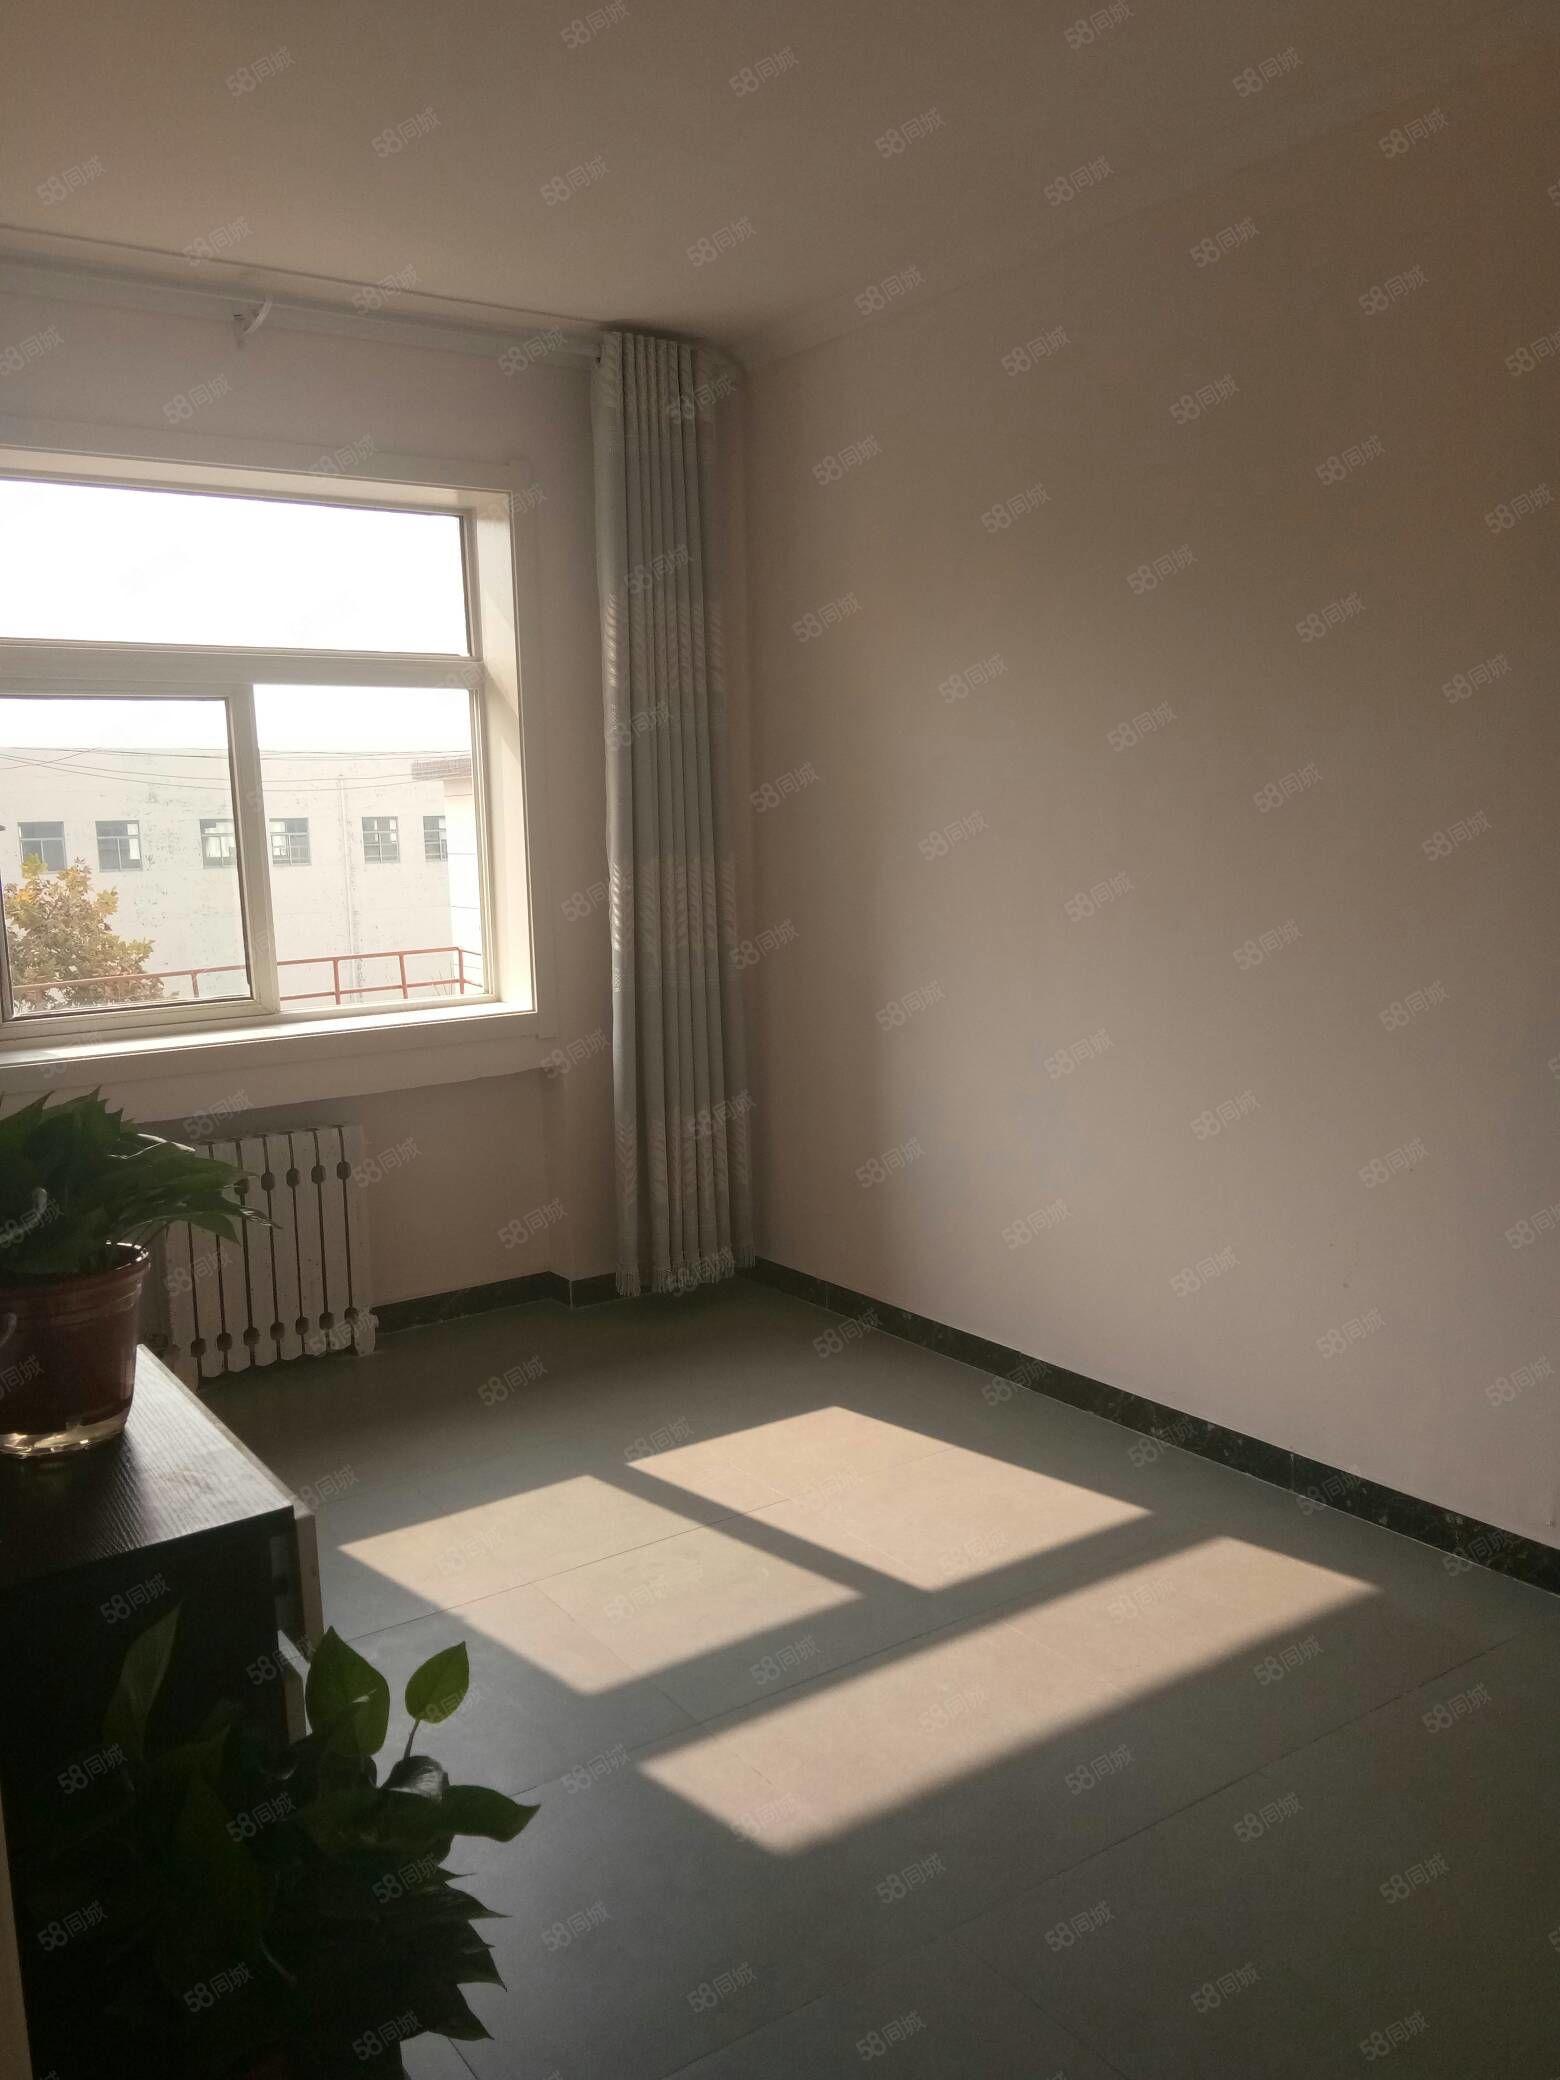 天华明珠附近,东电厂家属院精装两室,价格实惠,买了就能入住